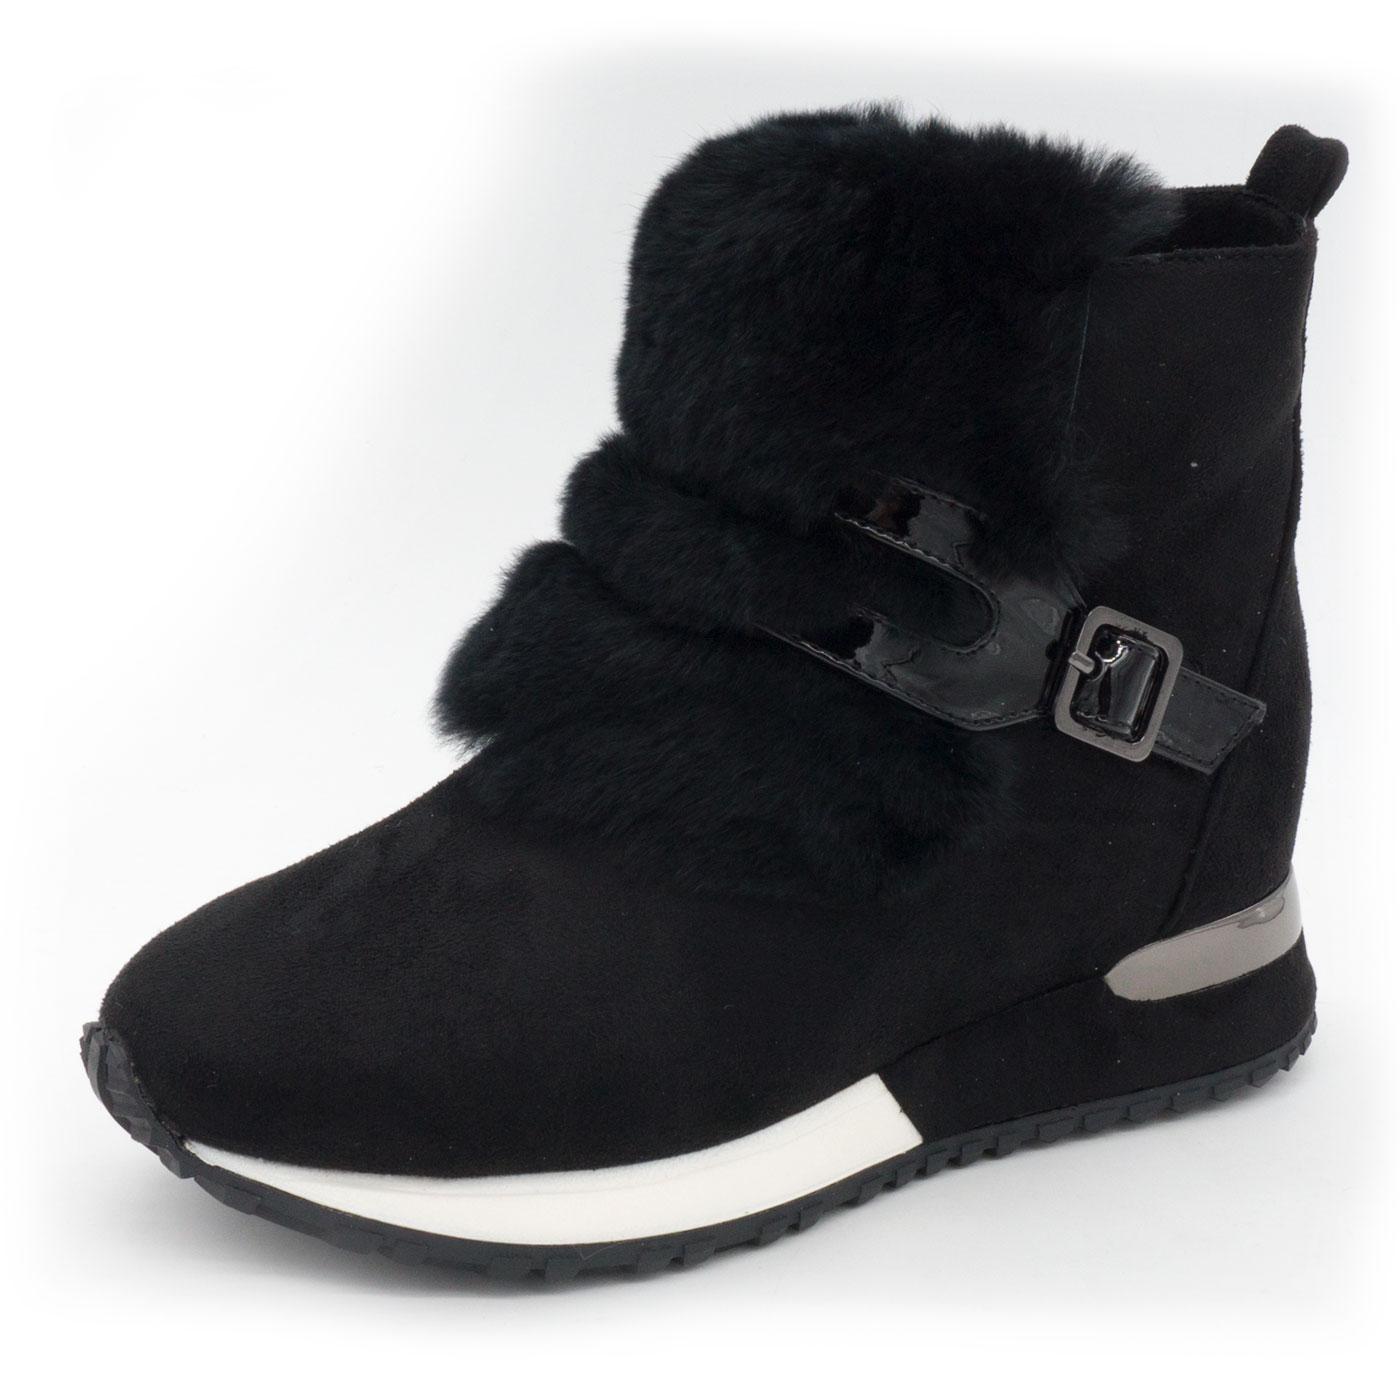 5b678570 фото main Зимние высокие черные кроссовки LICCI 826-B396M main ...